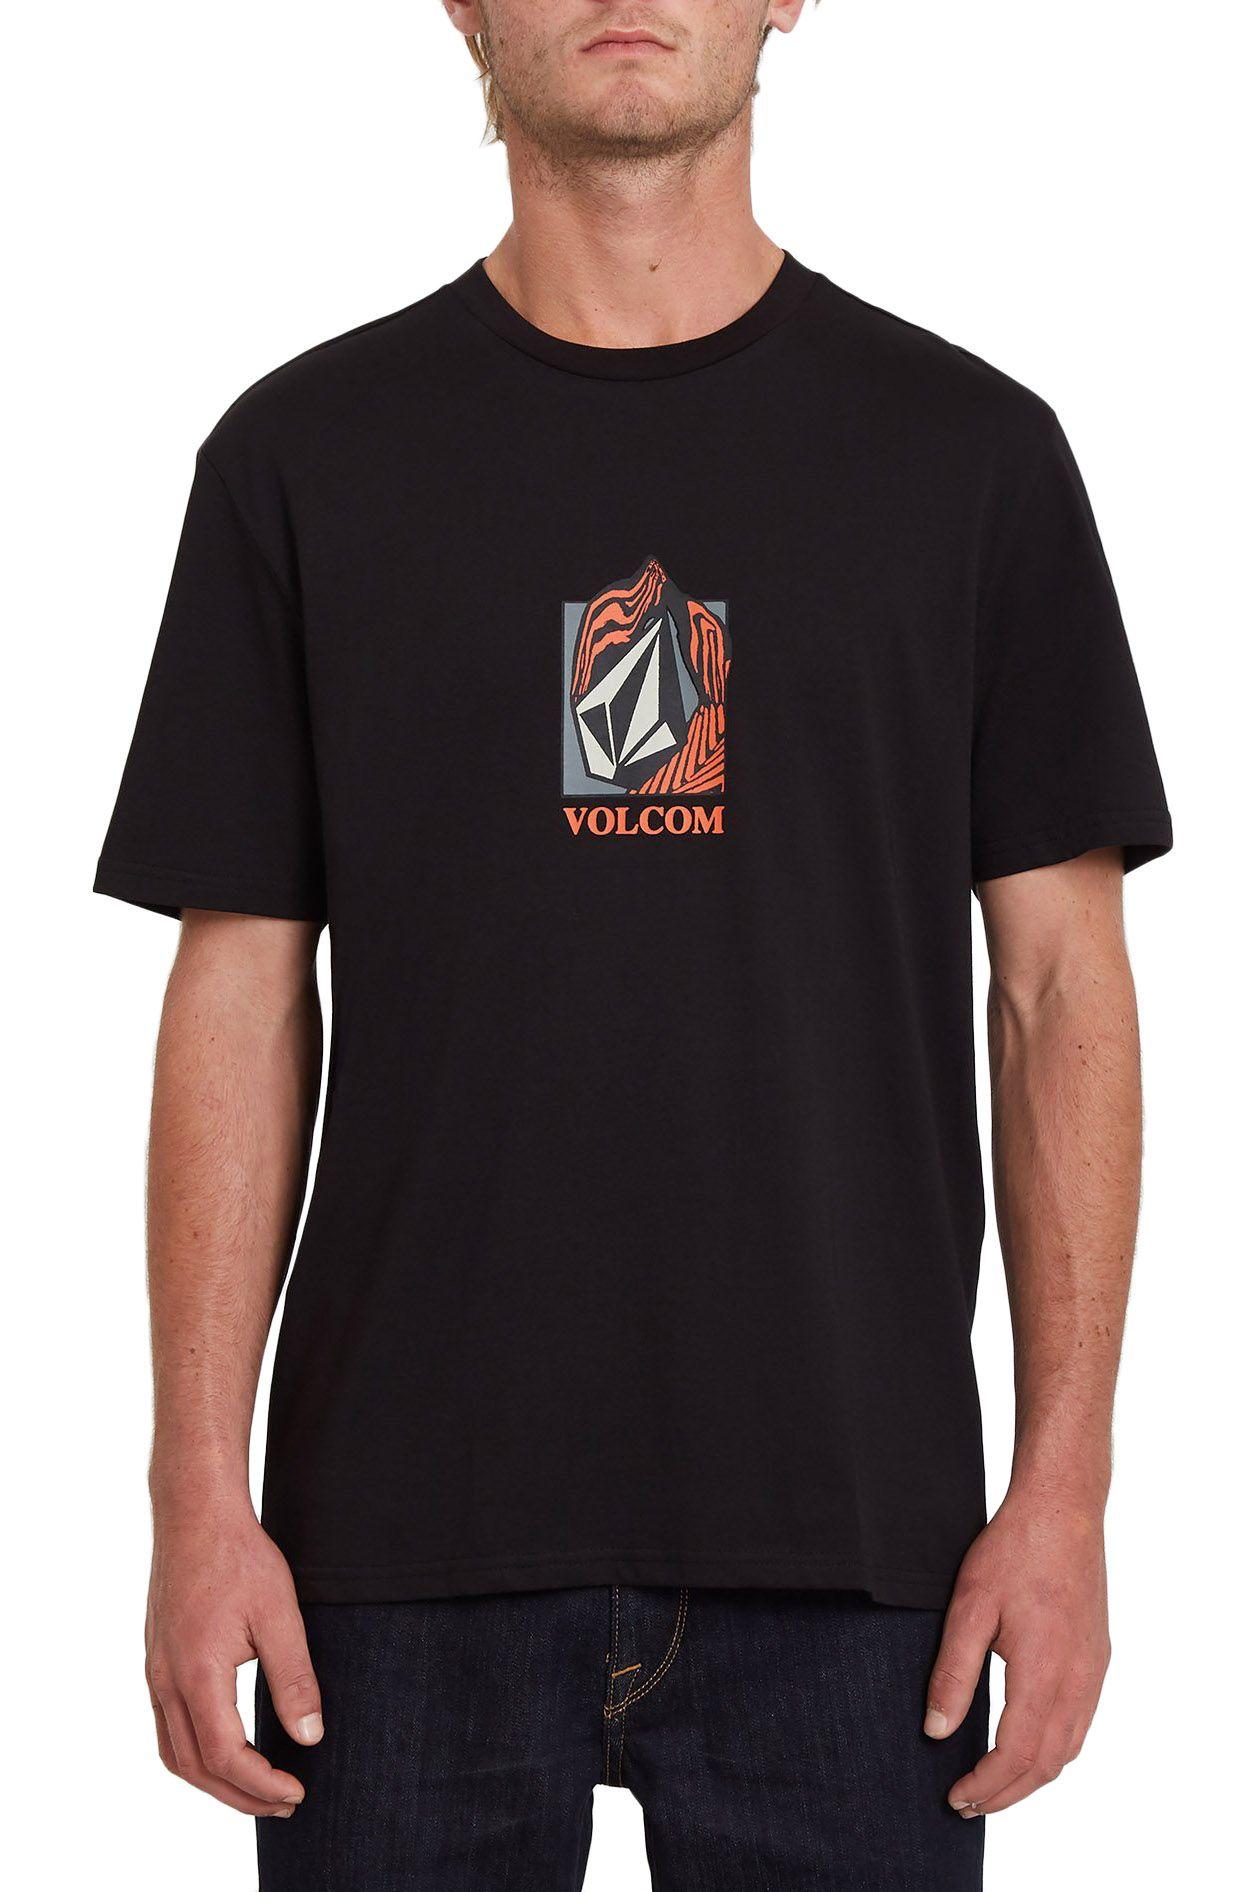 Volcom T-Shirt CROSTIC BSC SS Black